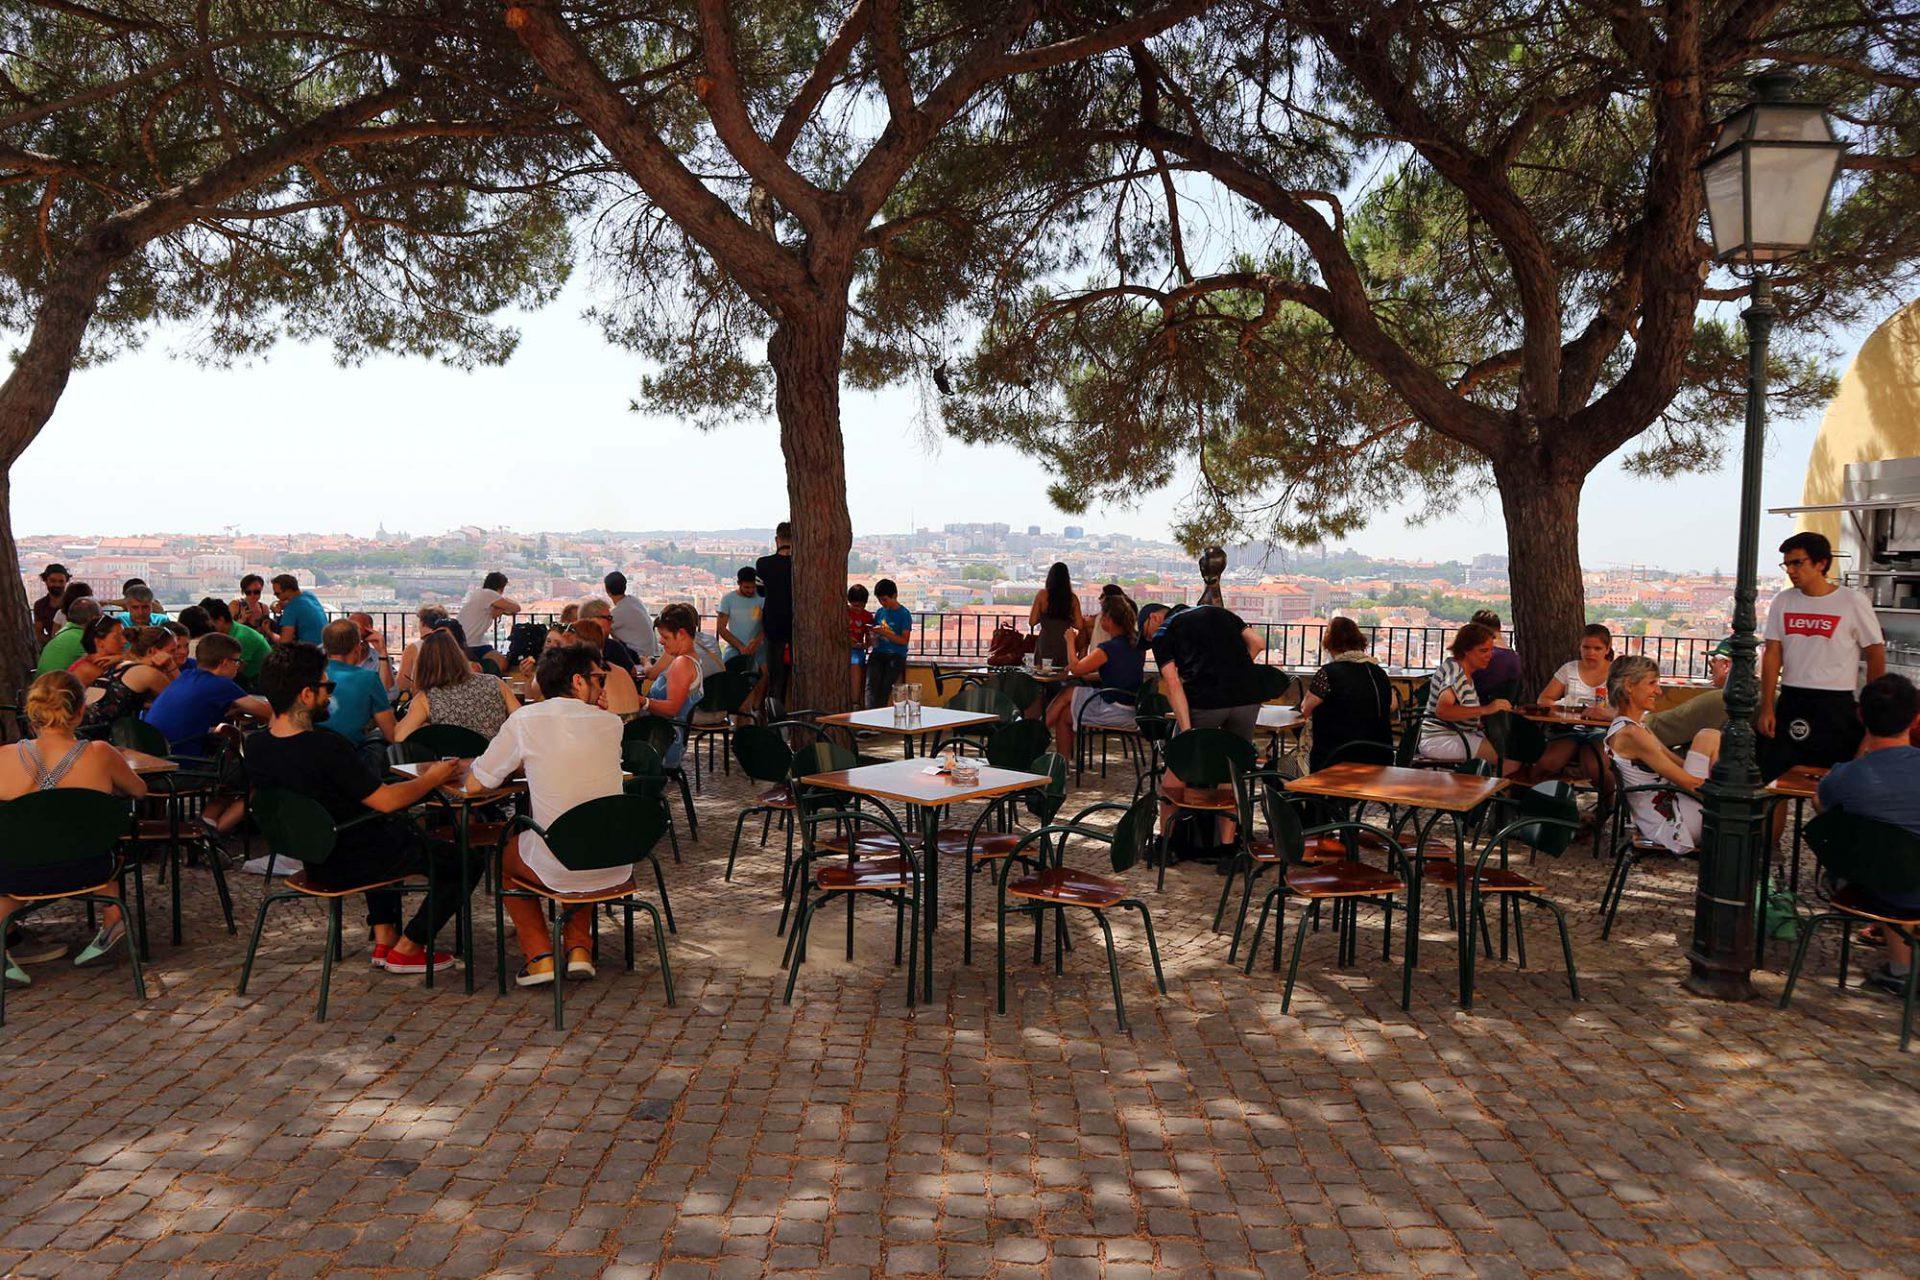 Miradouro da Graça.  Schlicht und mit grandioser Sicht. Alter Baumbestand, einige Tische und Stühle und ein kleiner Kiosk stehen vor dem ehemaligen Augustinerkloster aus dem 13. Jahrhundert (Eléctrico 28 Largo da Graça).